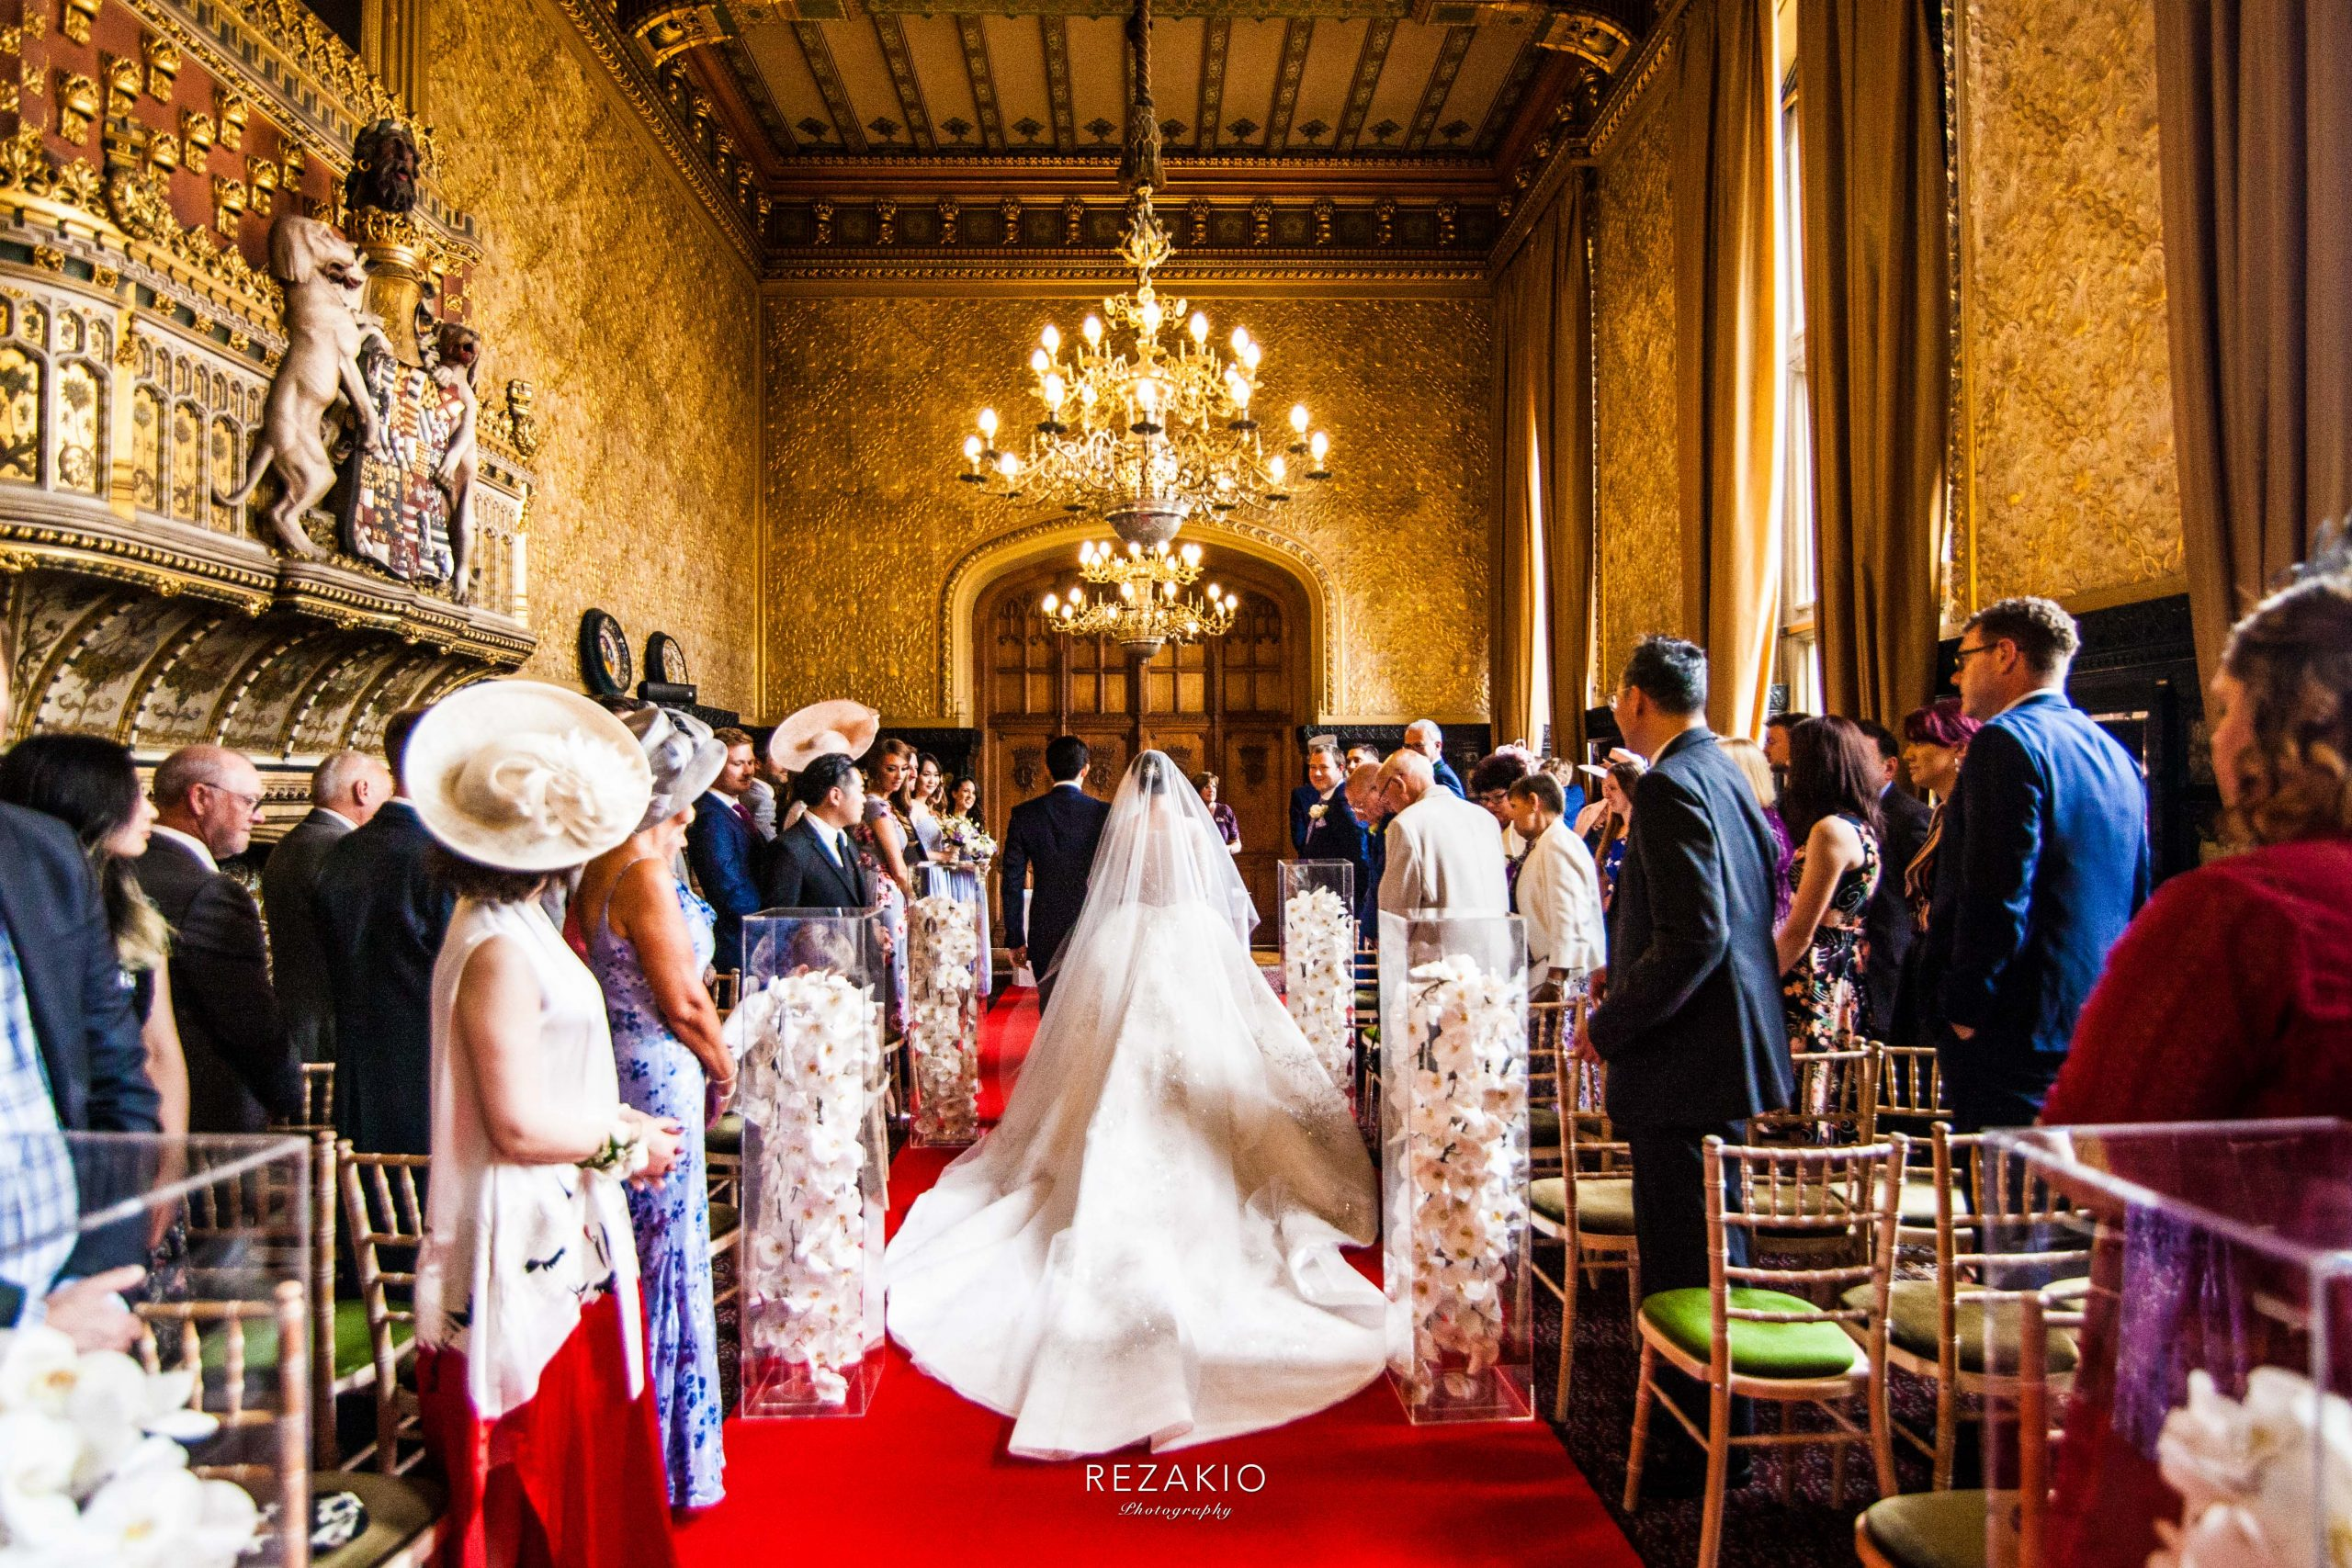 https://tietheknotwedding.co.uk/listings/susan-foxall-ceremonies-2